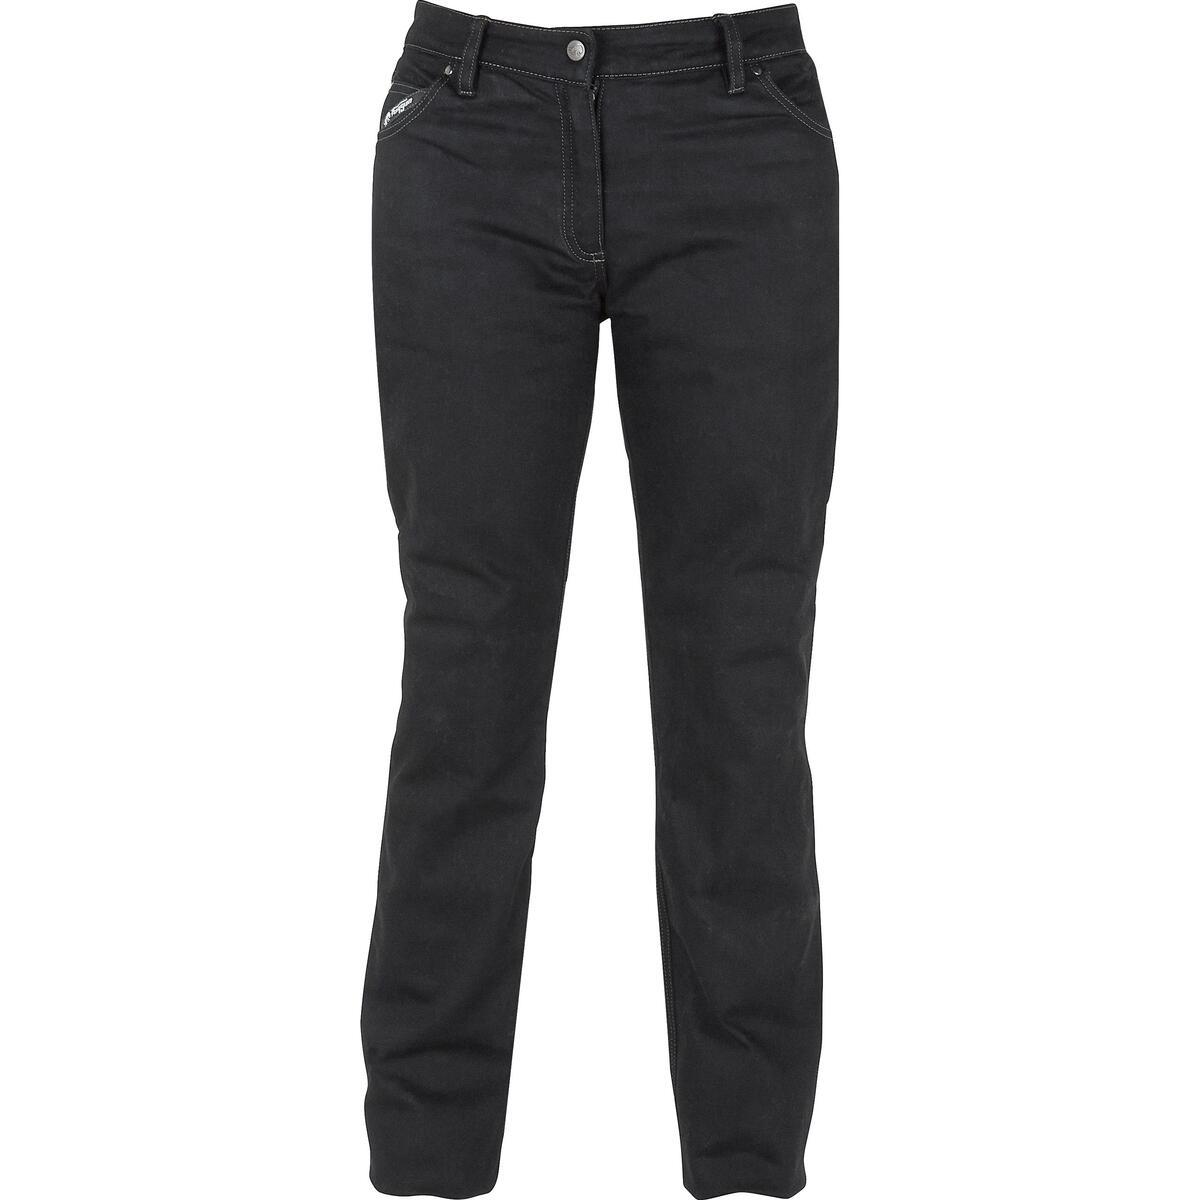 Bild 2 von Furygan Jean Damen Stretch Jeans schwarz Größe 36